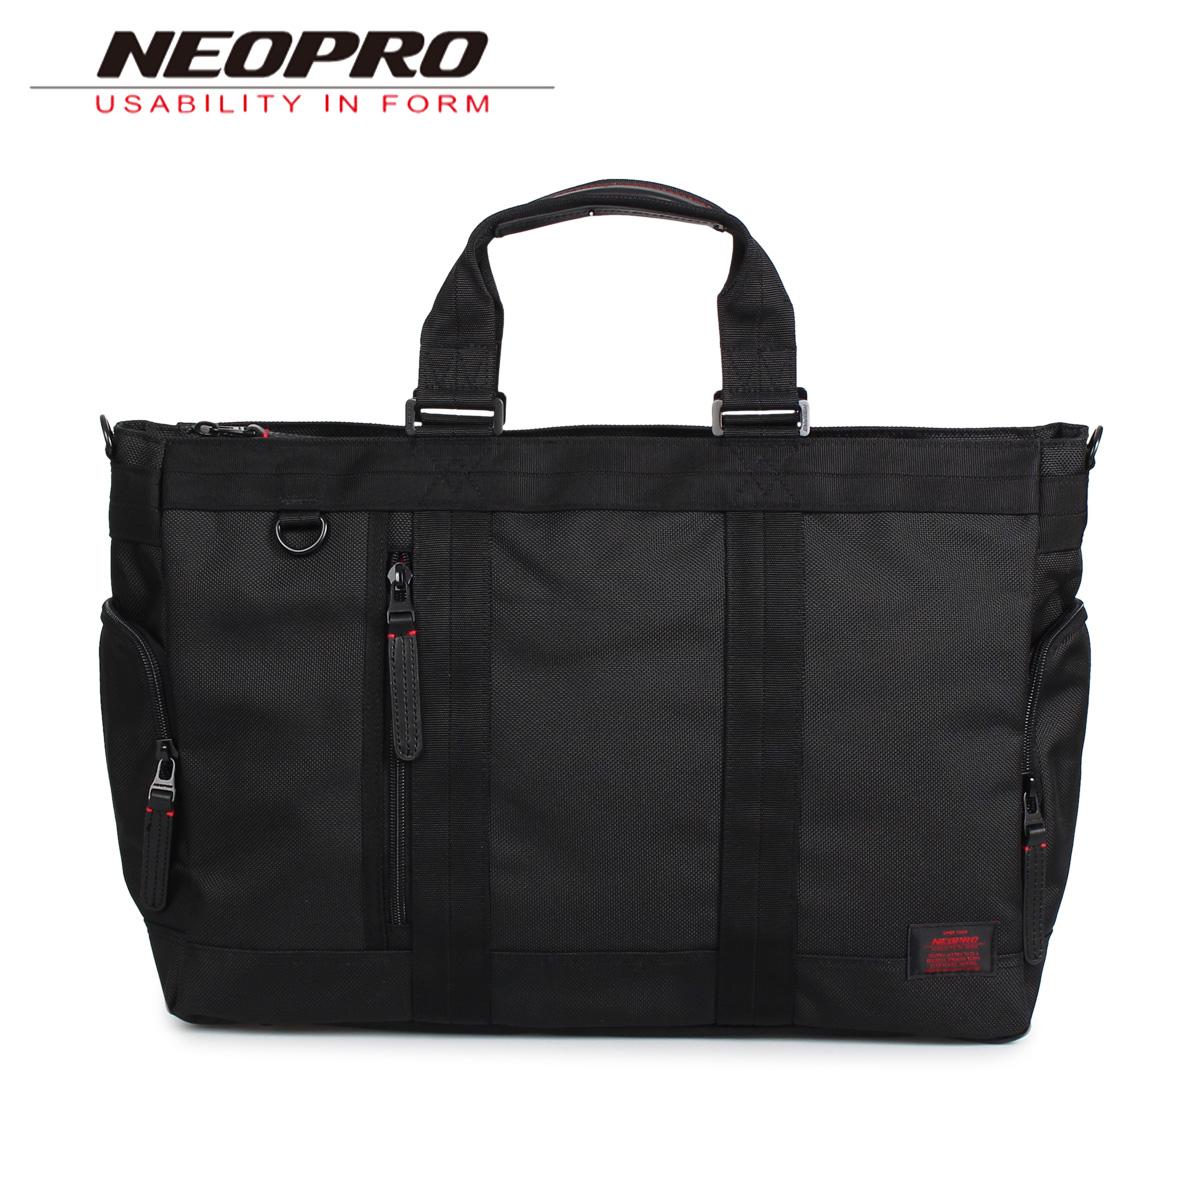 ネオプロ NEOPRO トートバッグ ボストンバッグ メンズ RED ブラック 黒 2-034